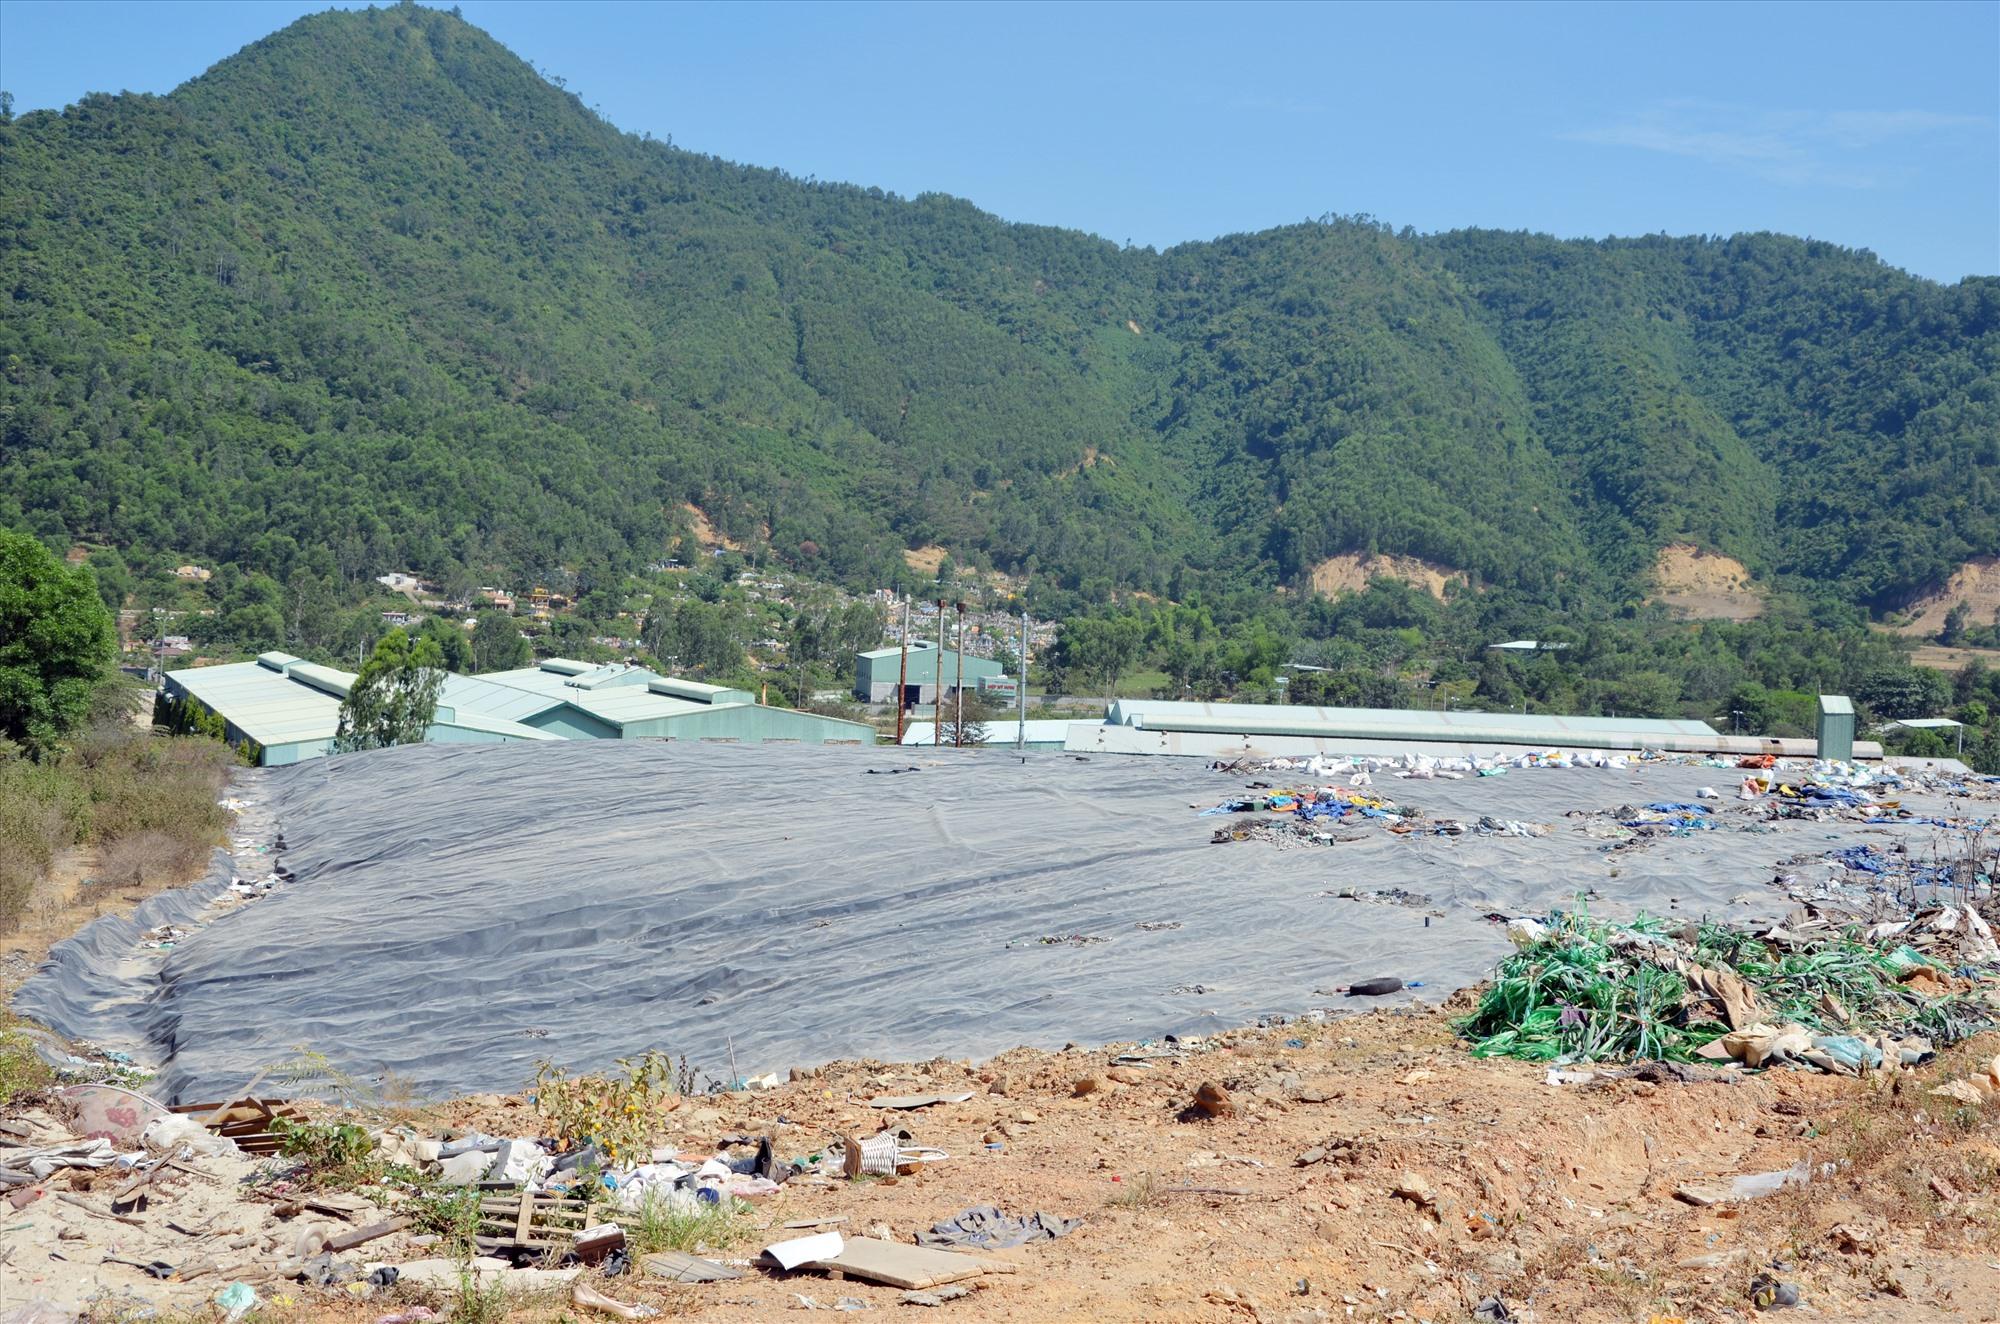 Nhà đầu tư sẽ nhận được nhiều cơ chế hỗ trợ về đầu tư khu xử lý rác thải nếu HĐND tỉnh thông qua trong kỳ họp đến. Ảnh: H.P